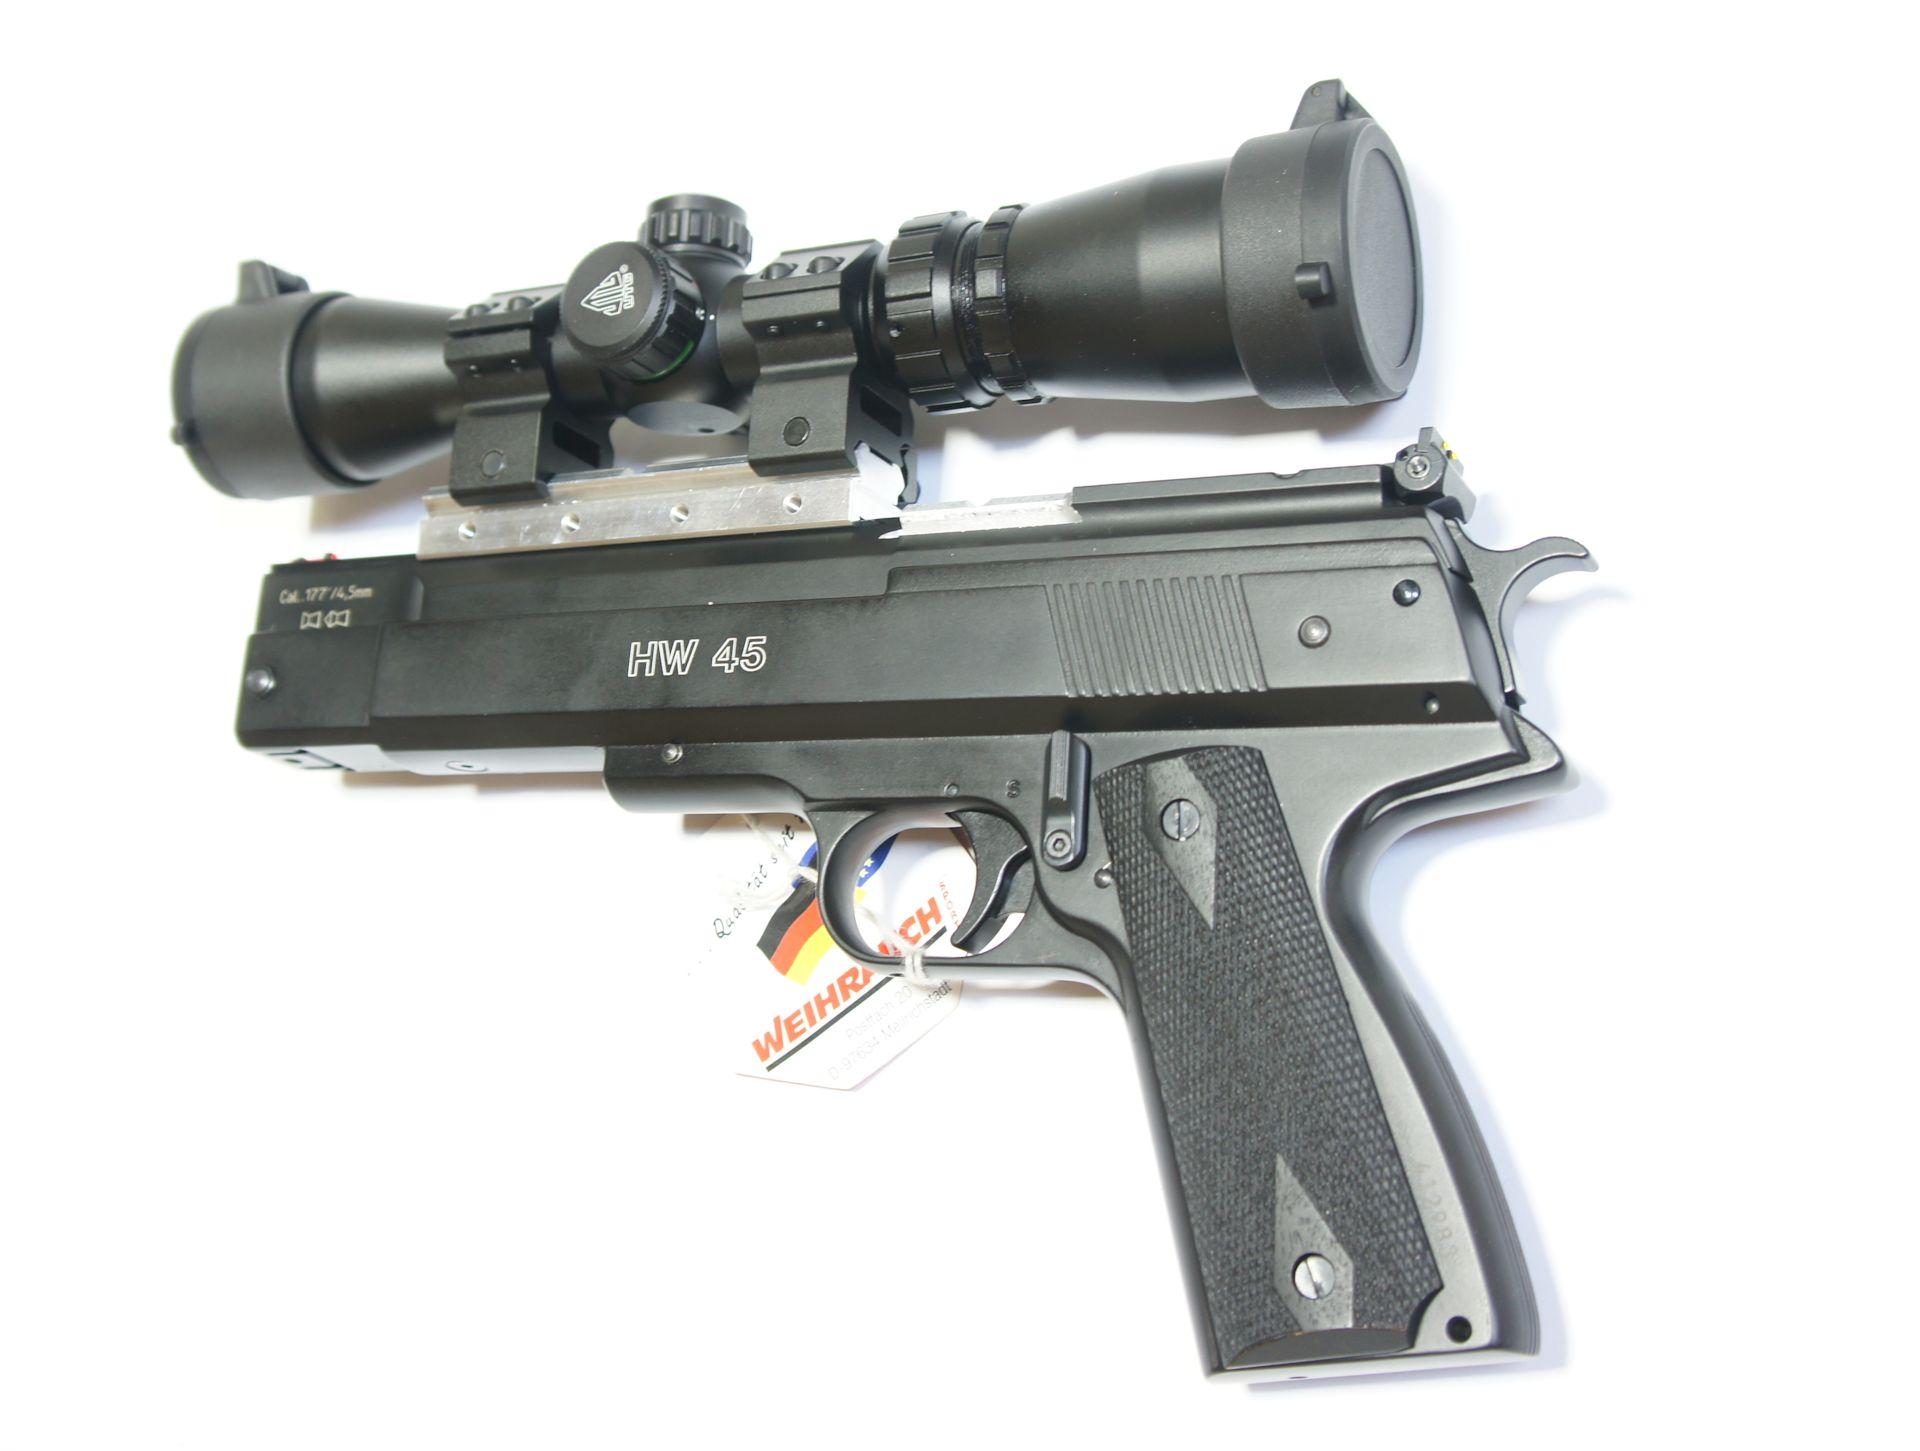 Montagebeispiel von einer speziellen  <a href=1130647-13-45.htm> Montageschiene </a>an einer <a href=1160103-45.htm> Luftpistole HW 45 </a> und einem <a href=1130099.htm> Pistolenzielfernrohr</a> Marke UTG. Dieses Zubehür würde bei Bedarf auch sehr gut an die Luftpistole HW 45 black star passen.